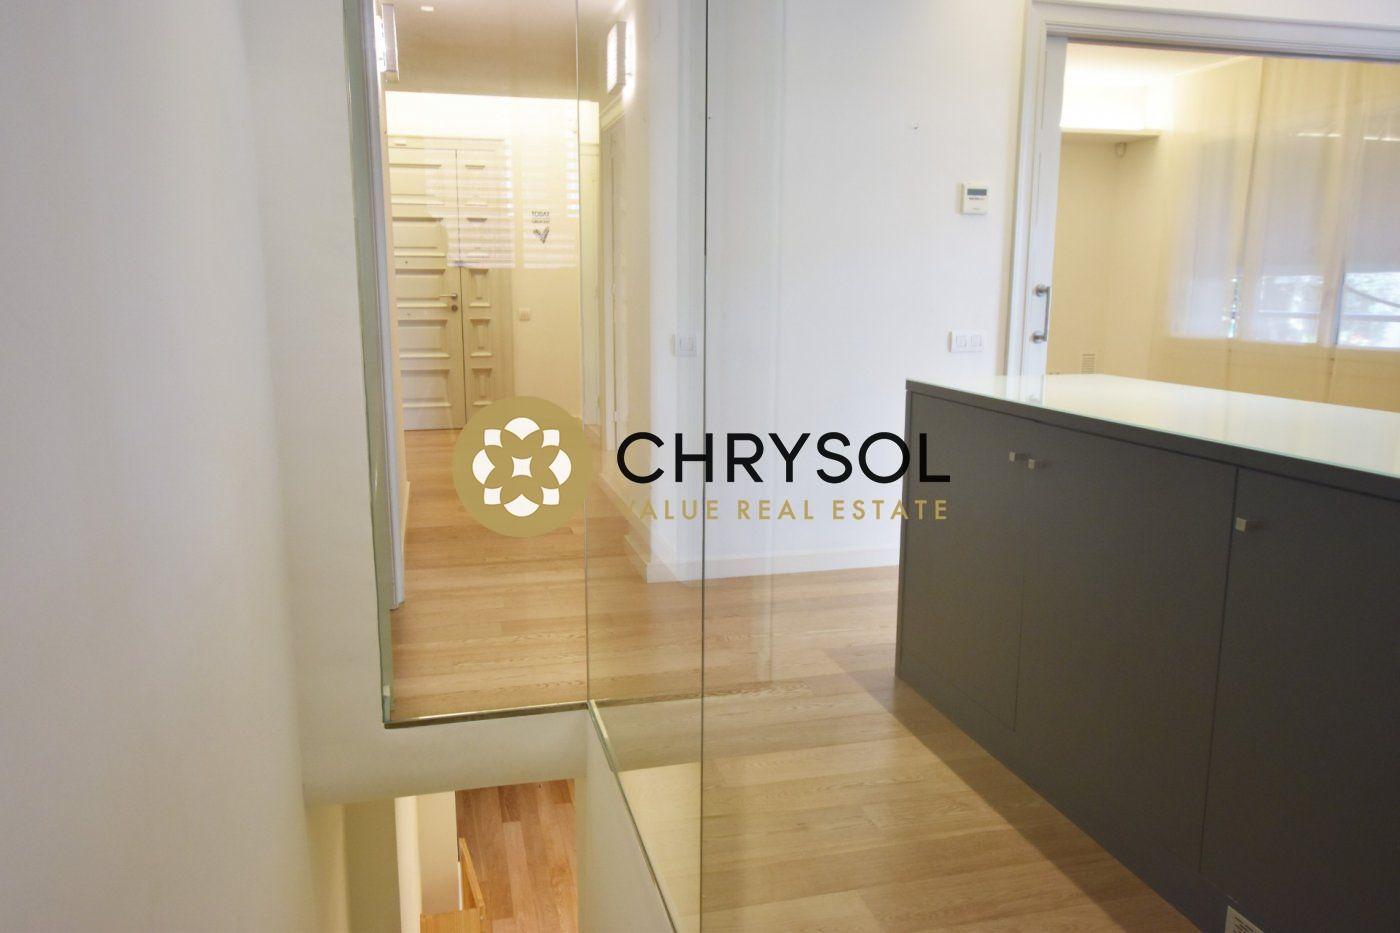 Fotogalería - 46 - Chrysol Value